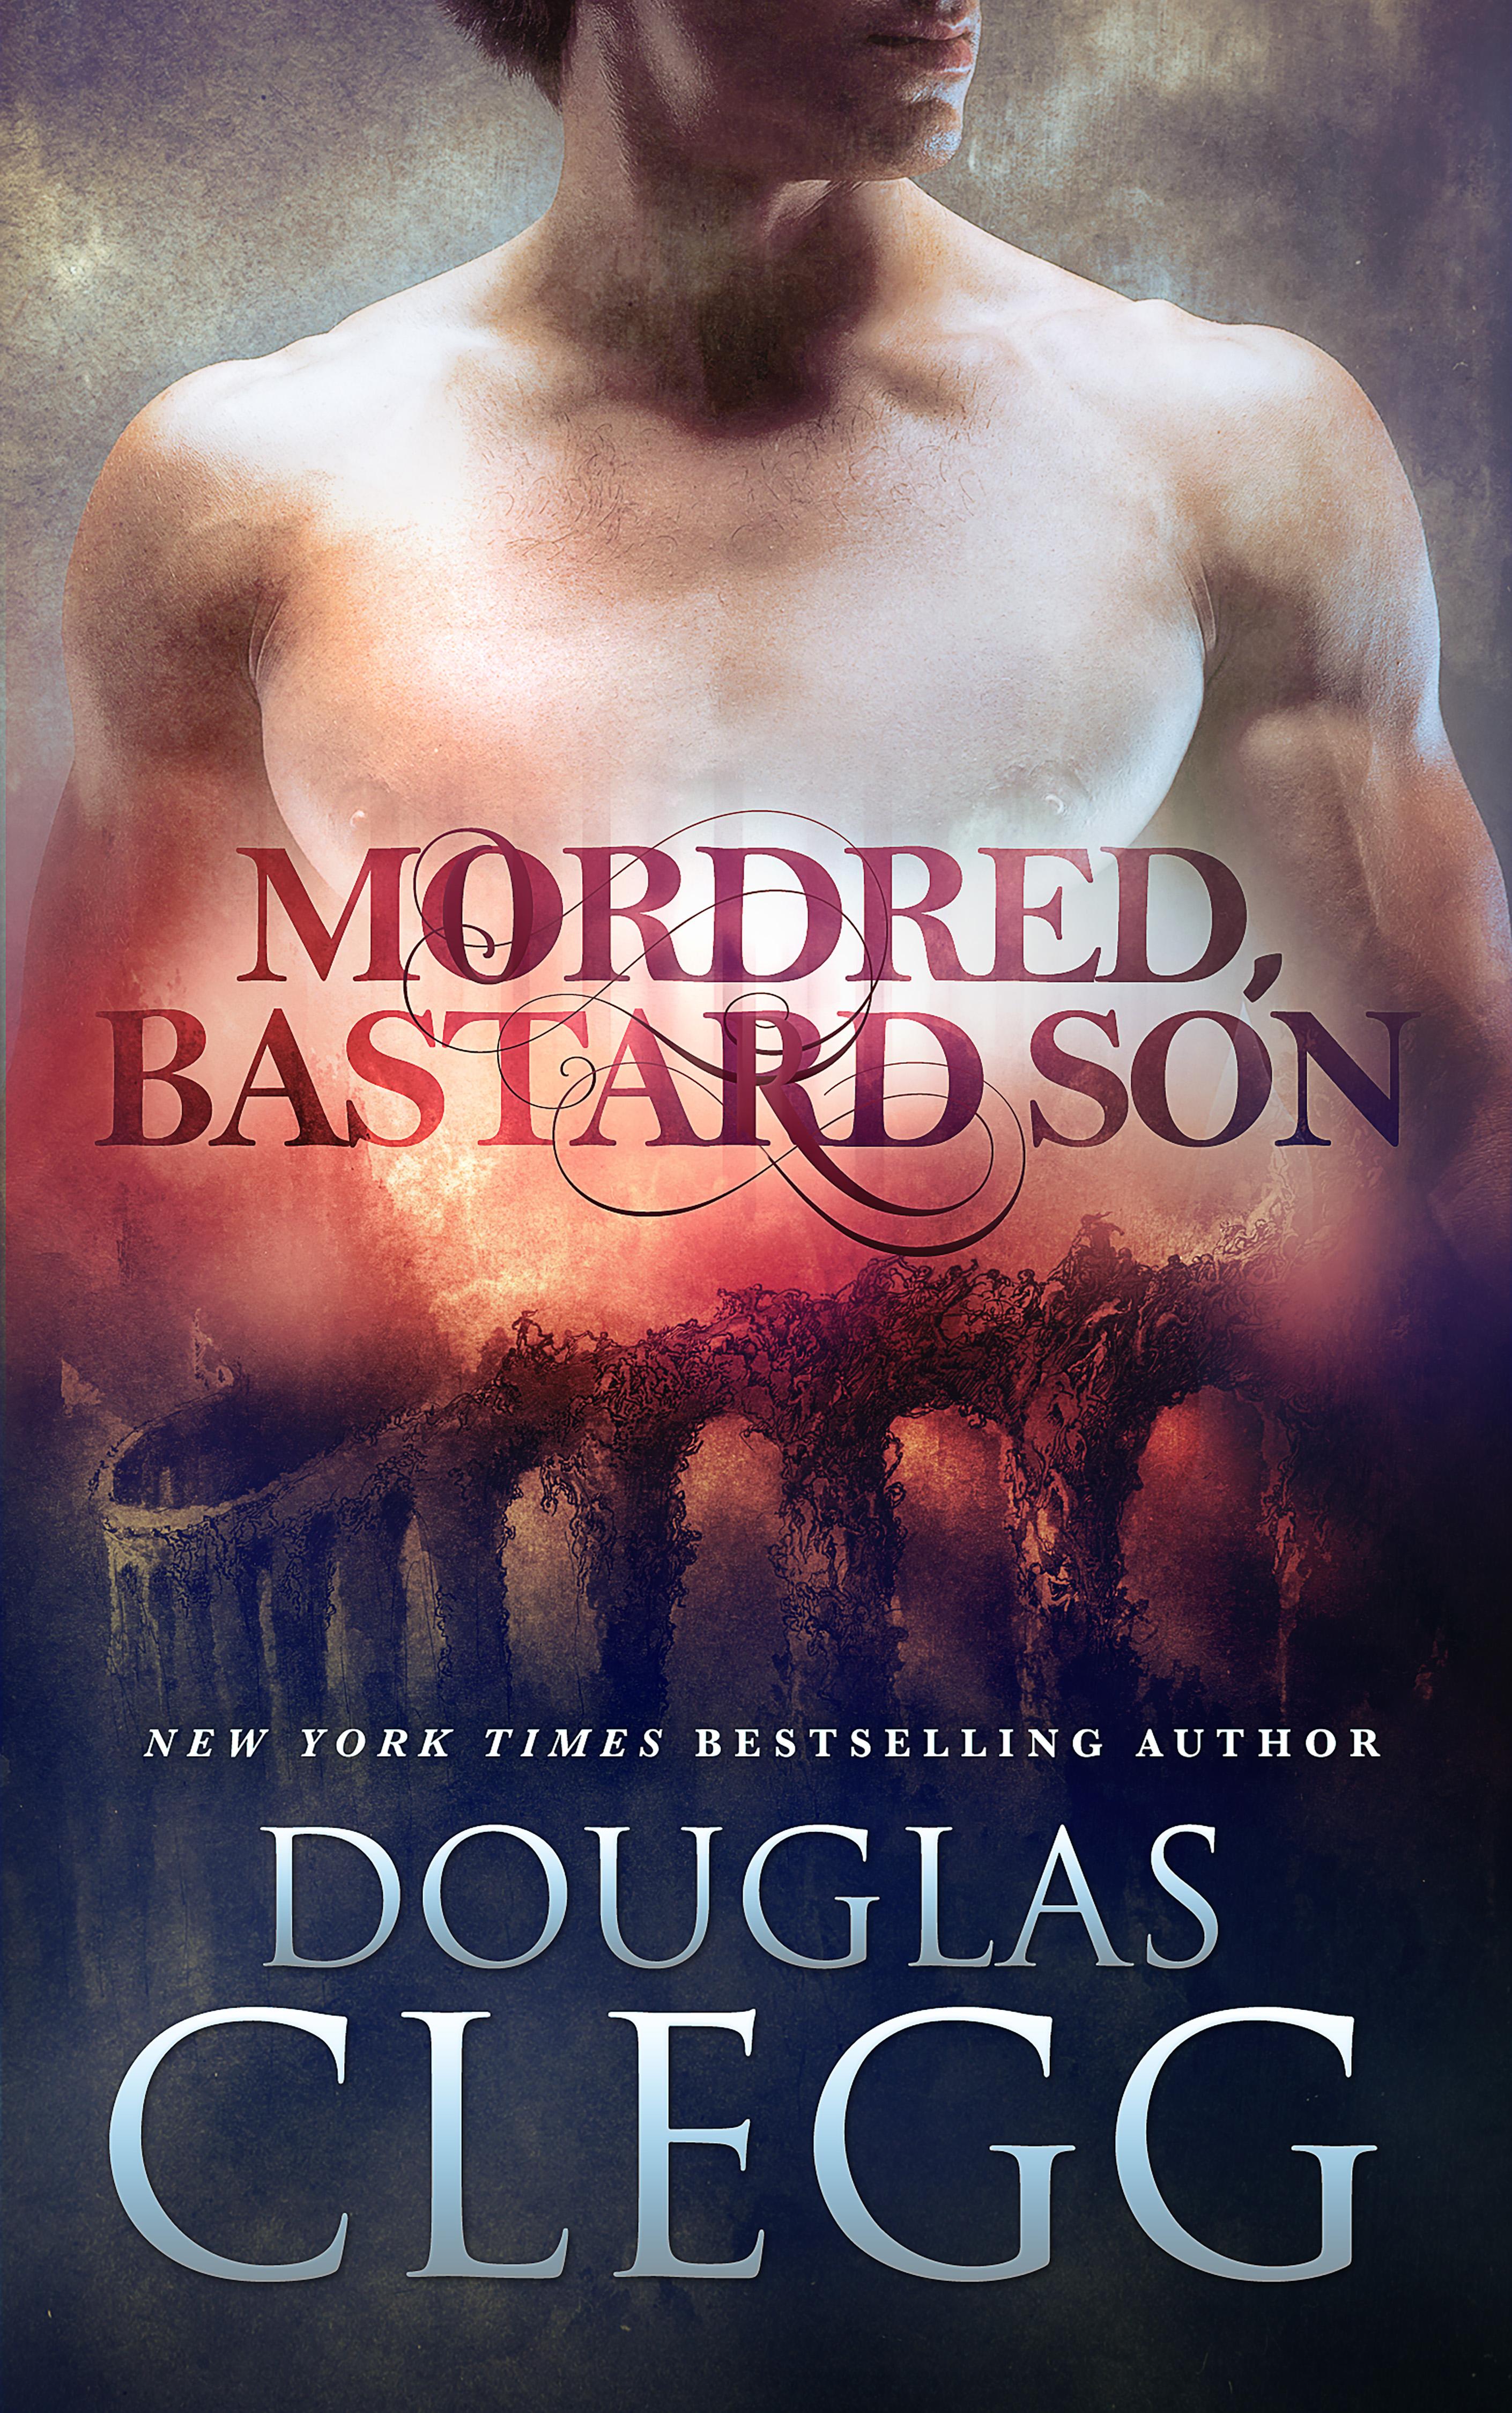 Mordred, Bastard Son